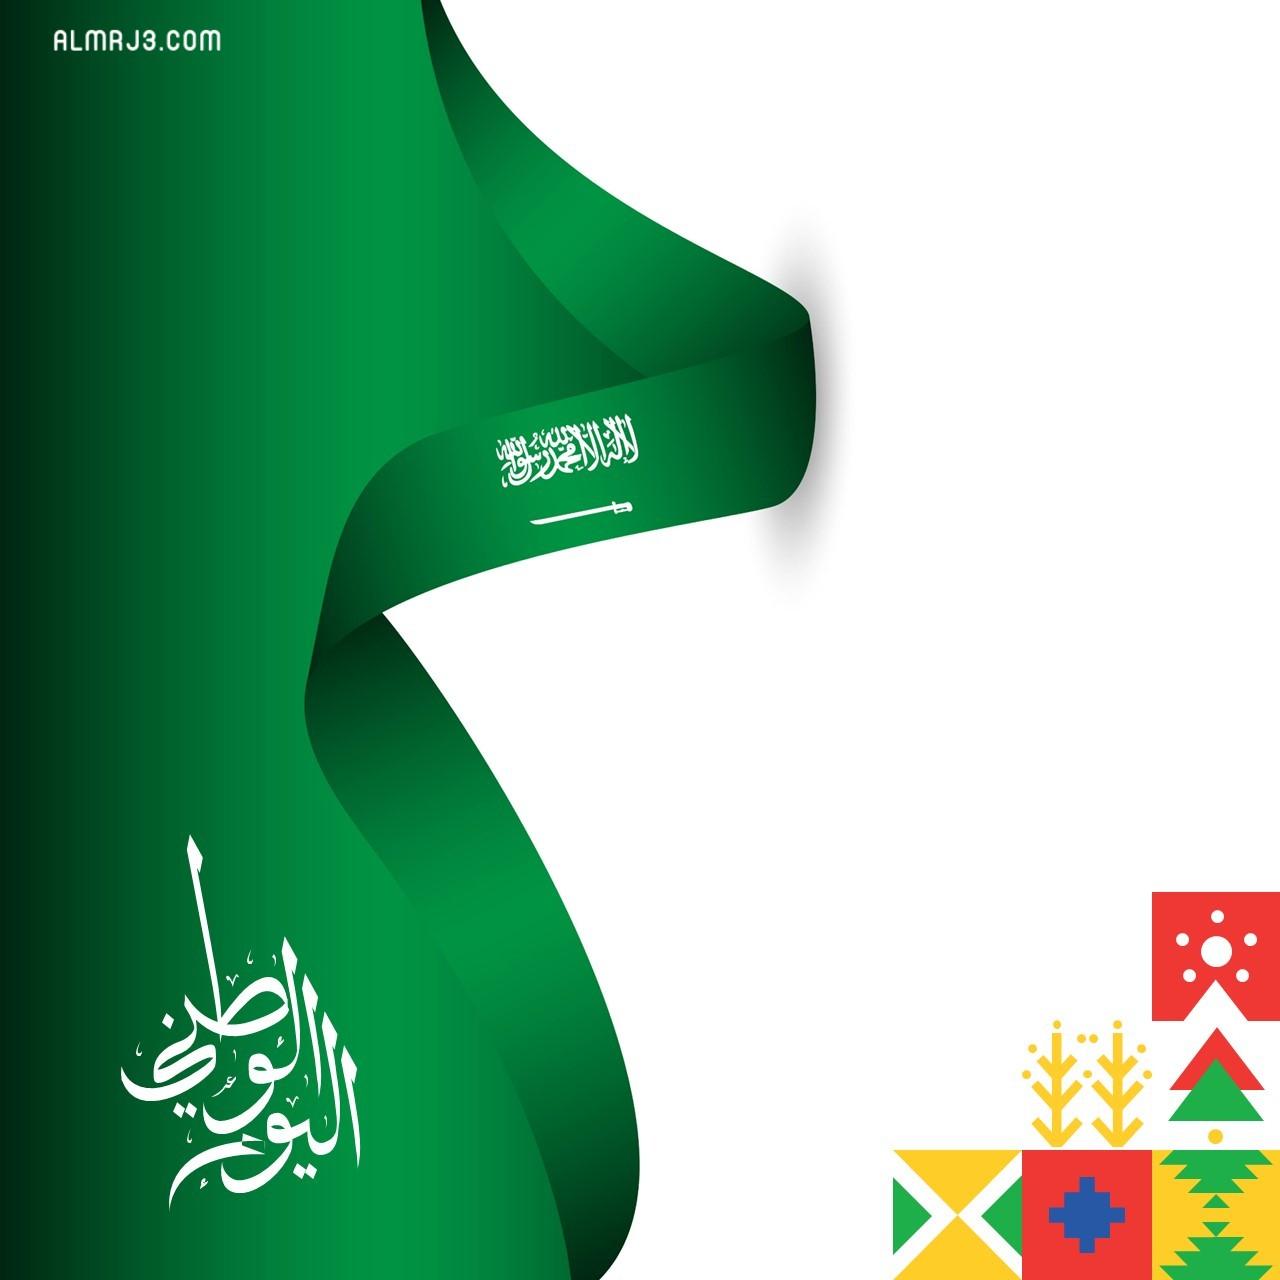 صور و خلفيات اليوم الوطني السعودي